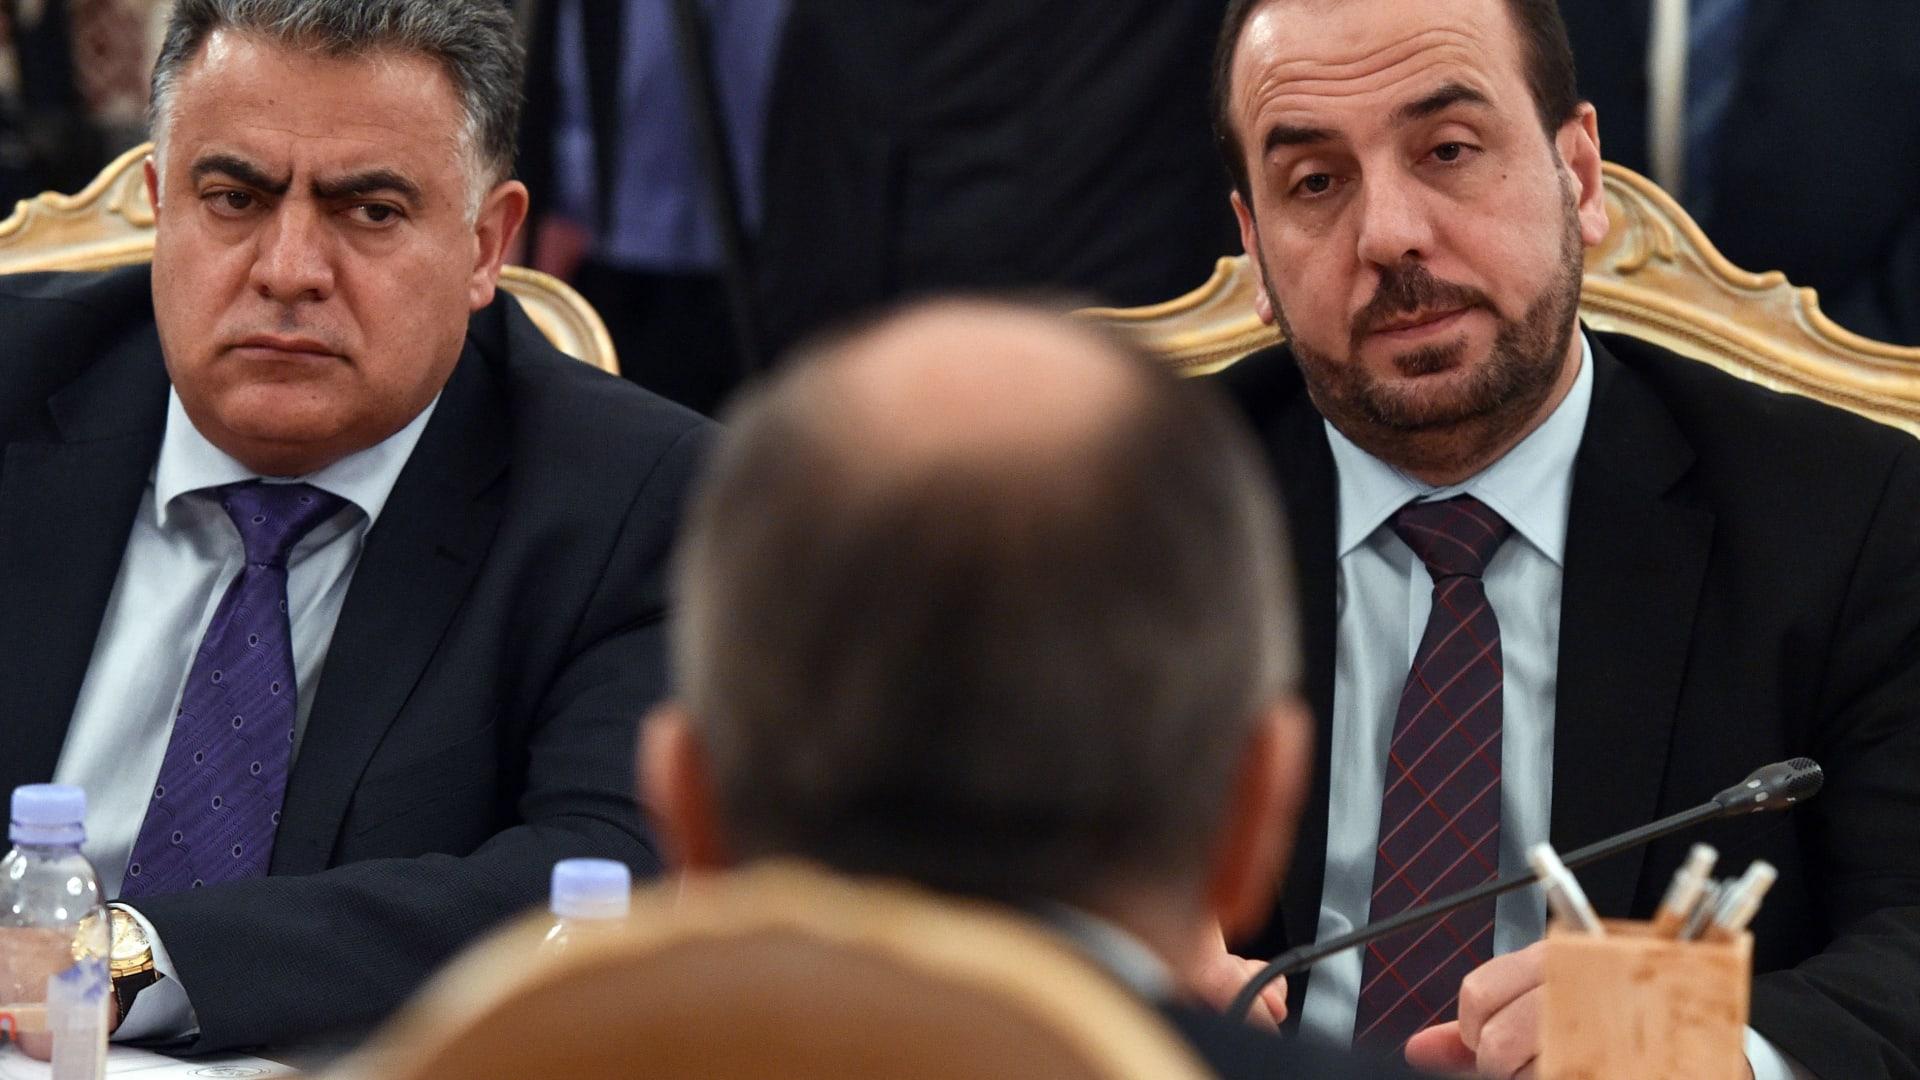 هيئة التفاوض السورية تعلن مقاطعتها لمؤتمر سوتشي